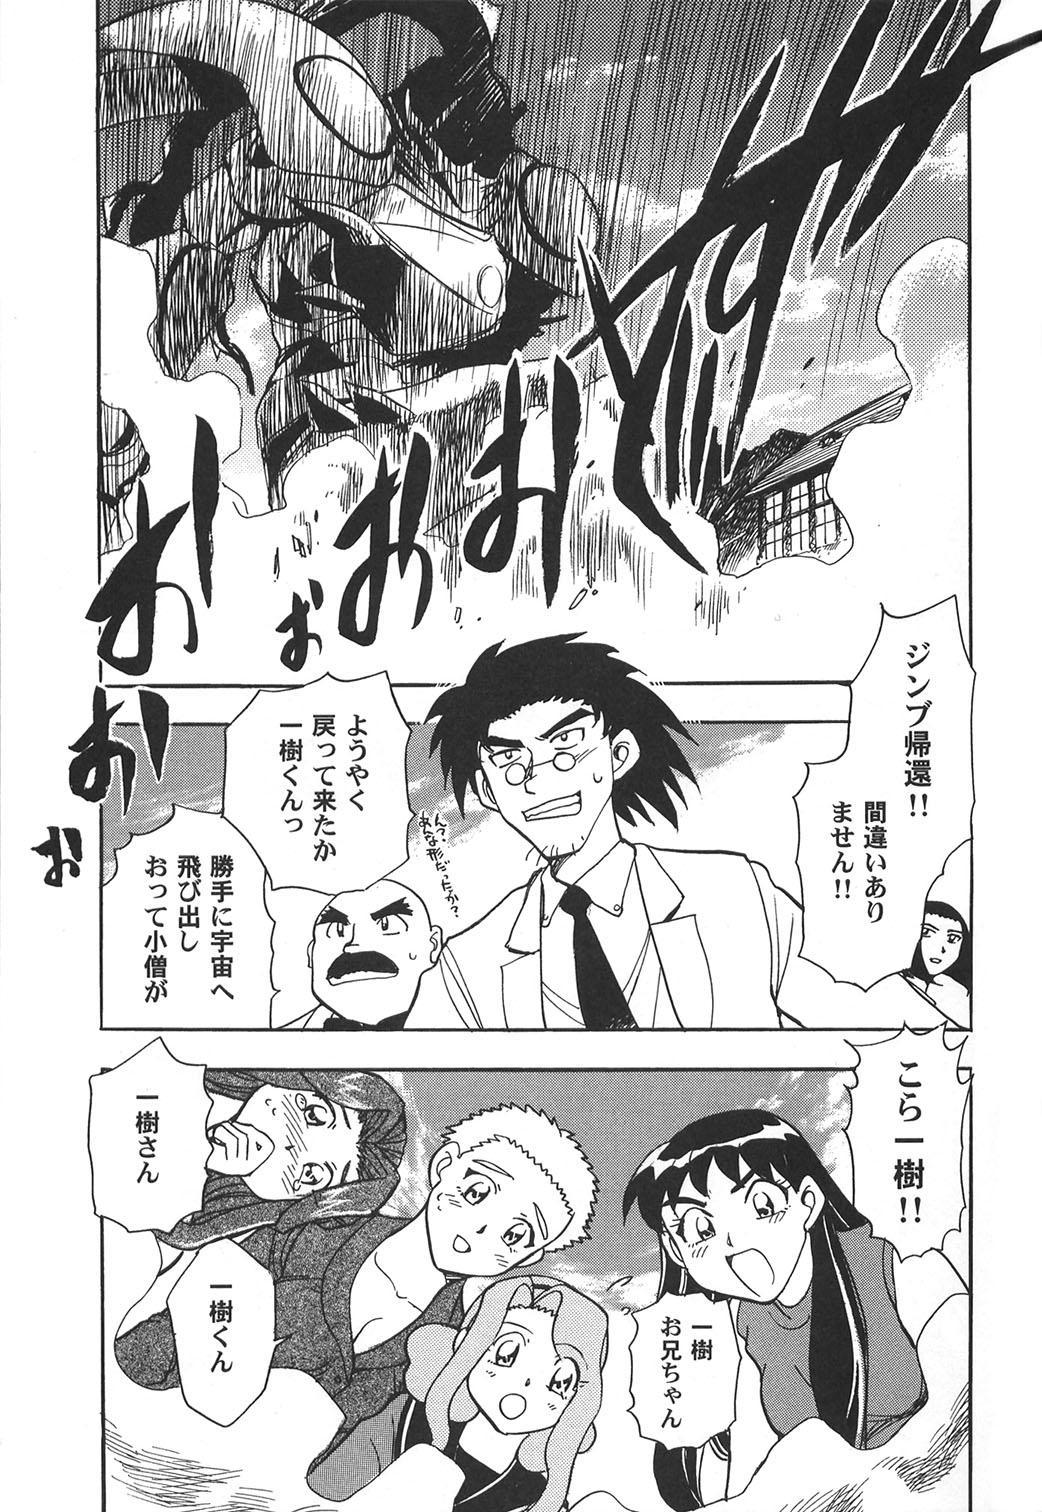 Ianryokou Toujitsu No Yoru 2 18